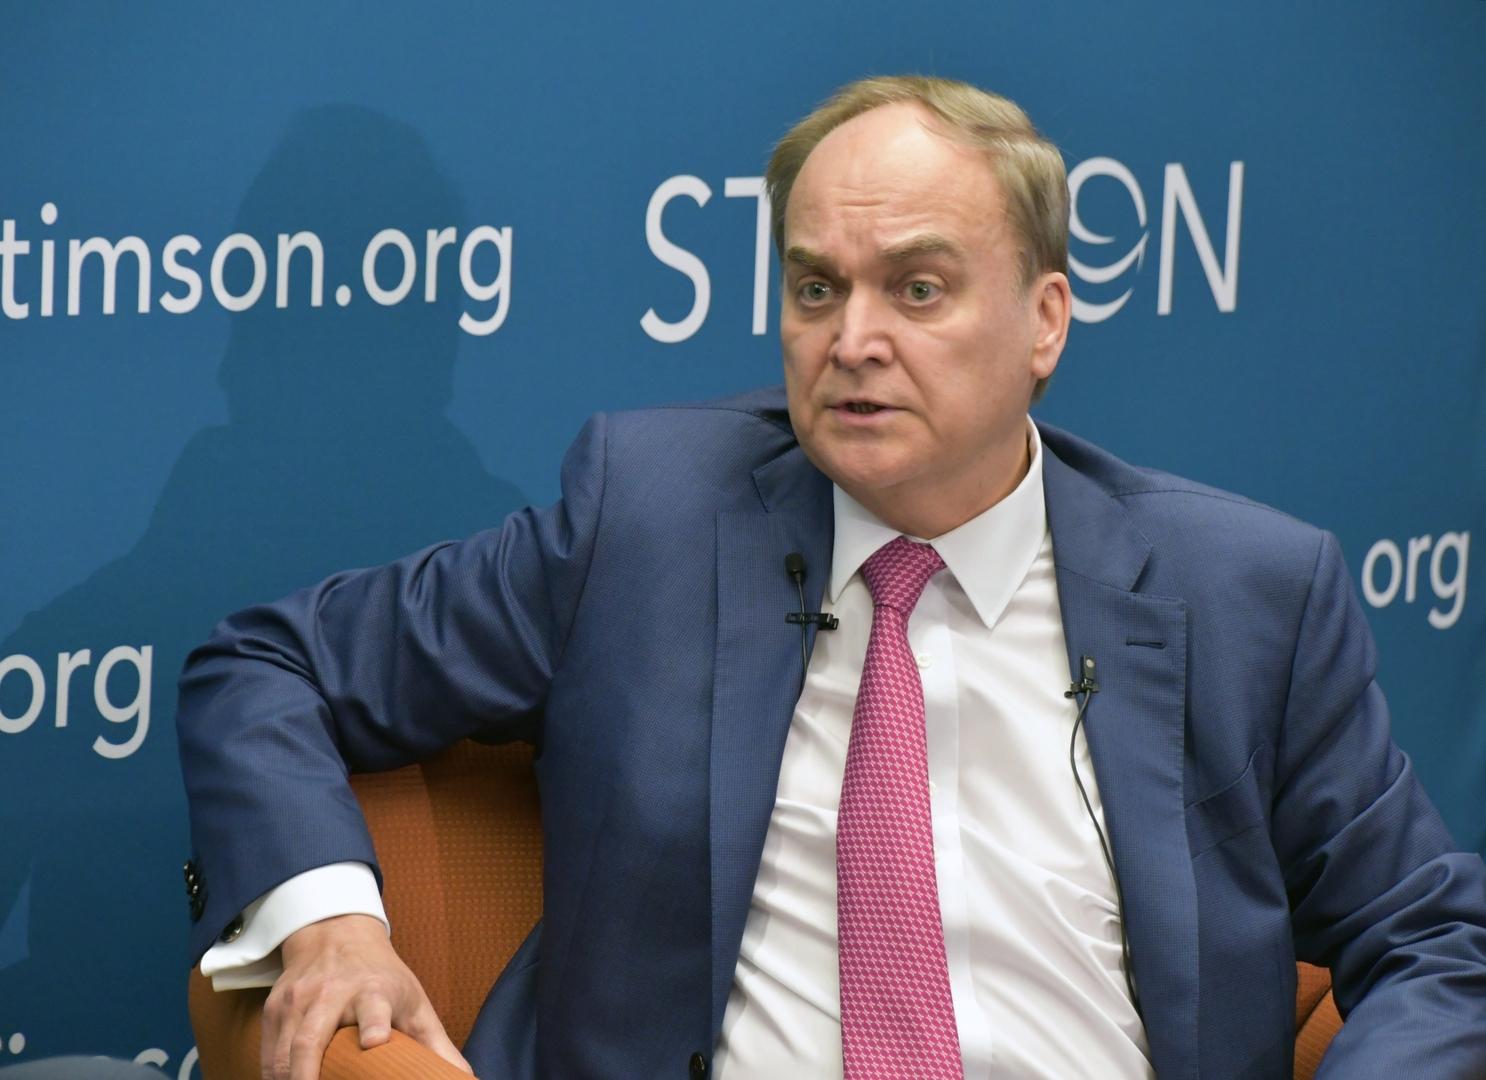 السفير الروسي في واشنطن، أناتولي أنطونوف